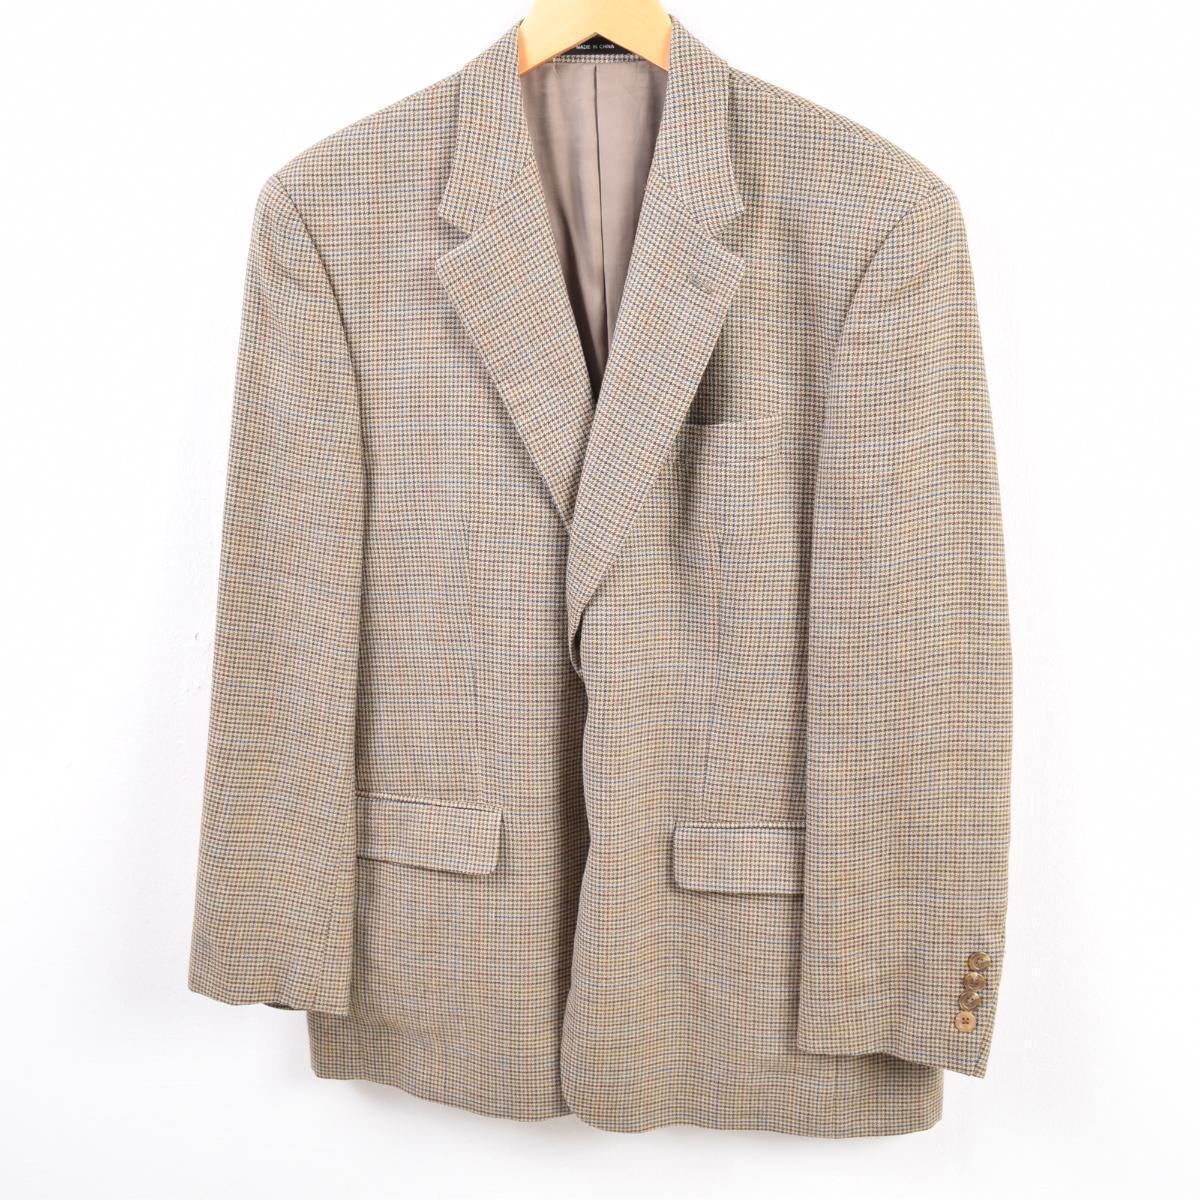 古着屋JAMのチェック柄ジャケット